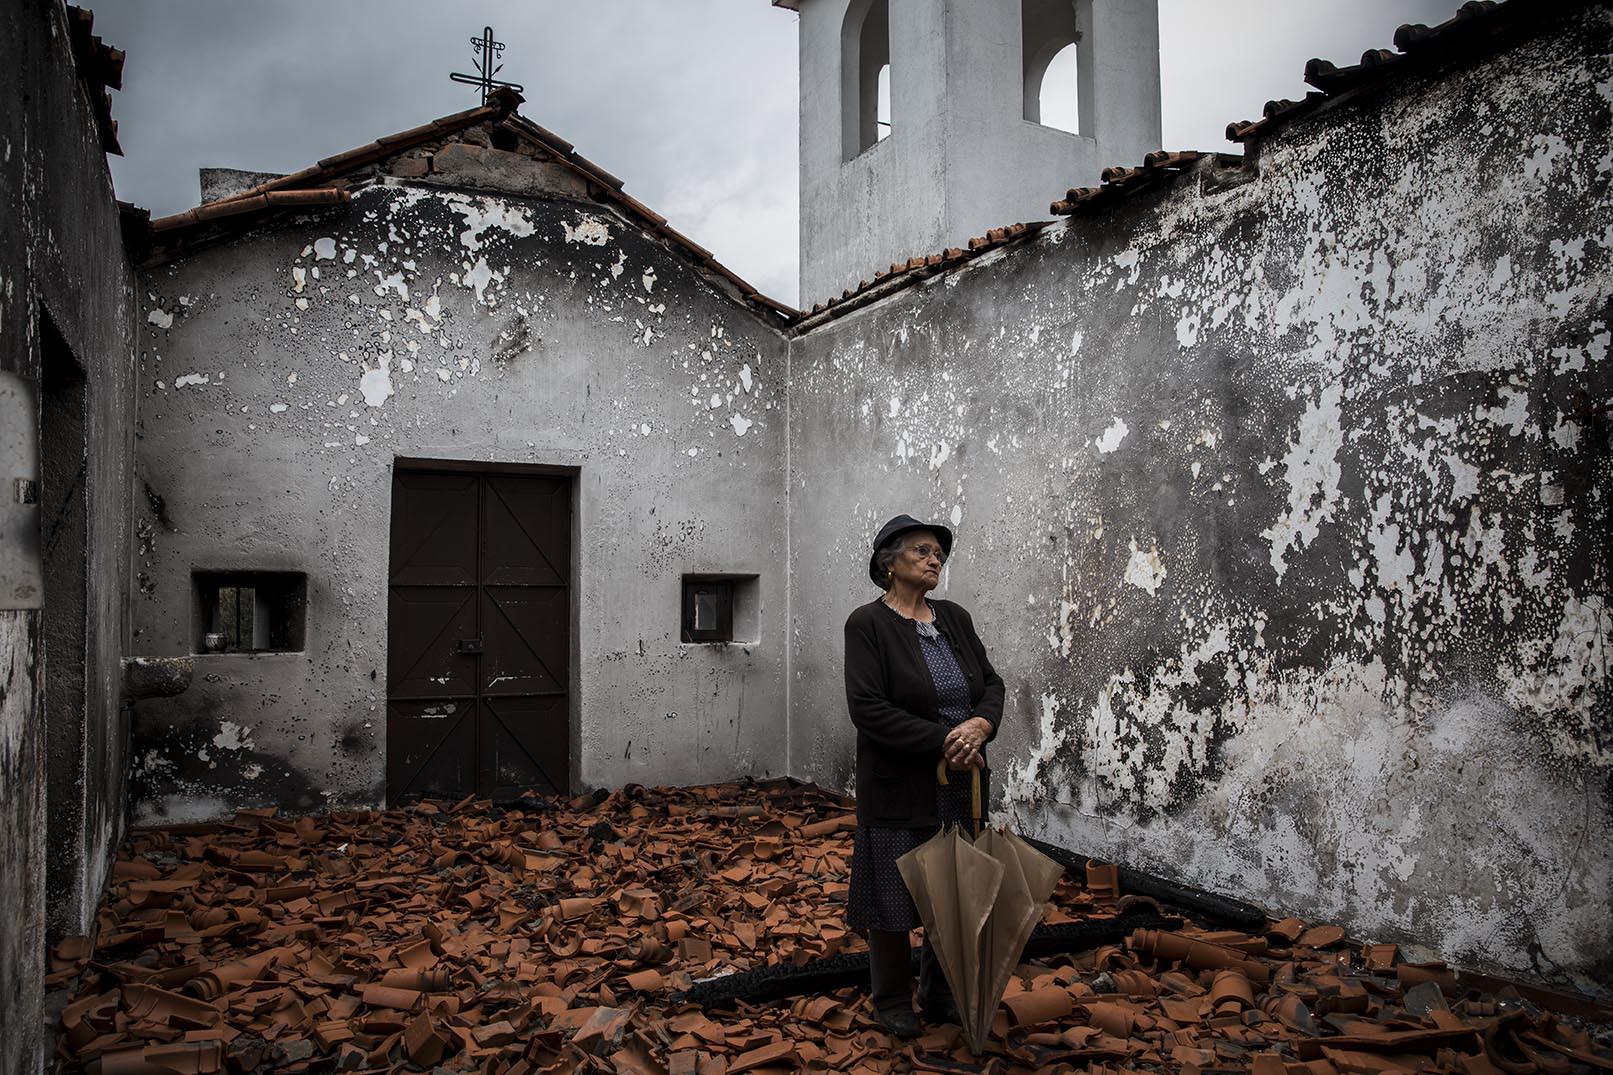 Quando uma capela arde há uma aldeia que chora